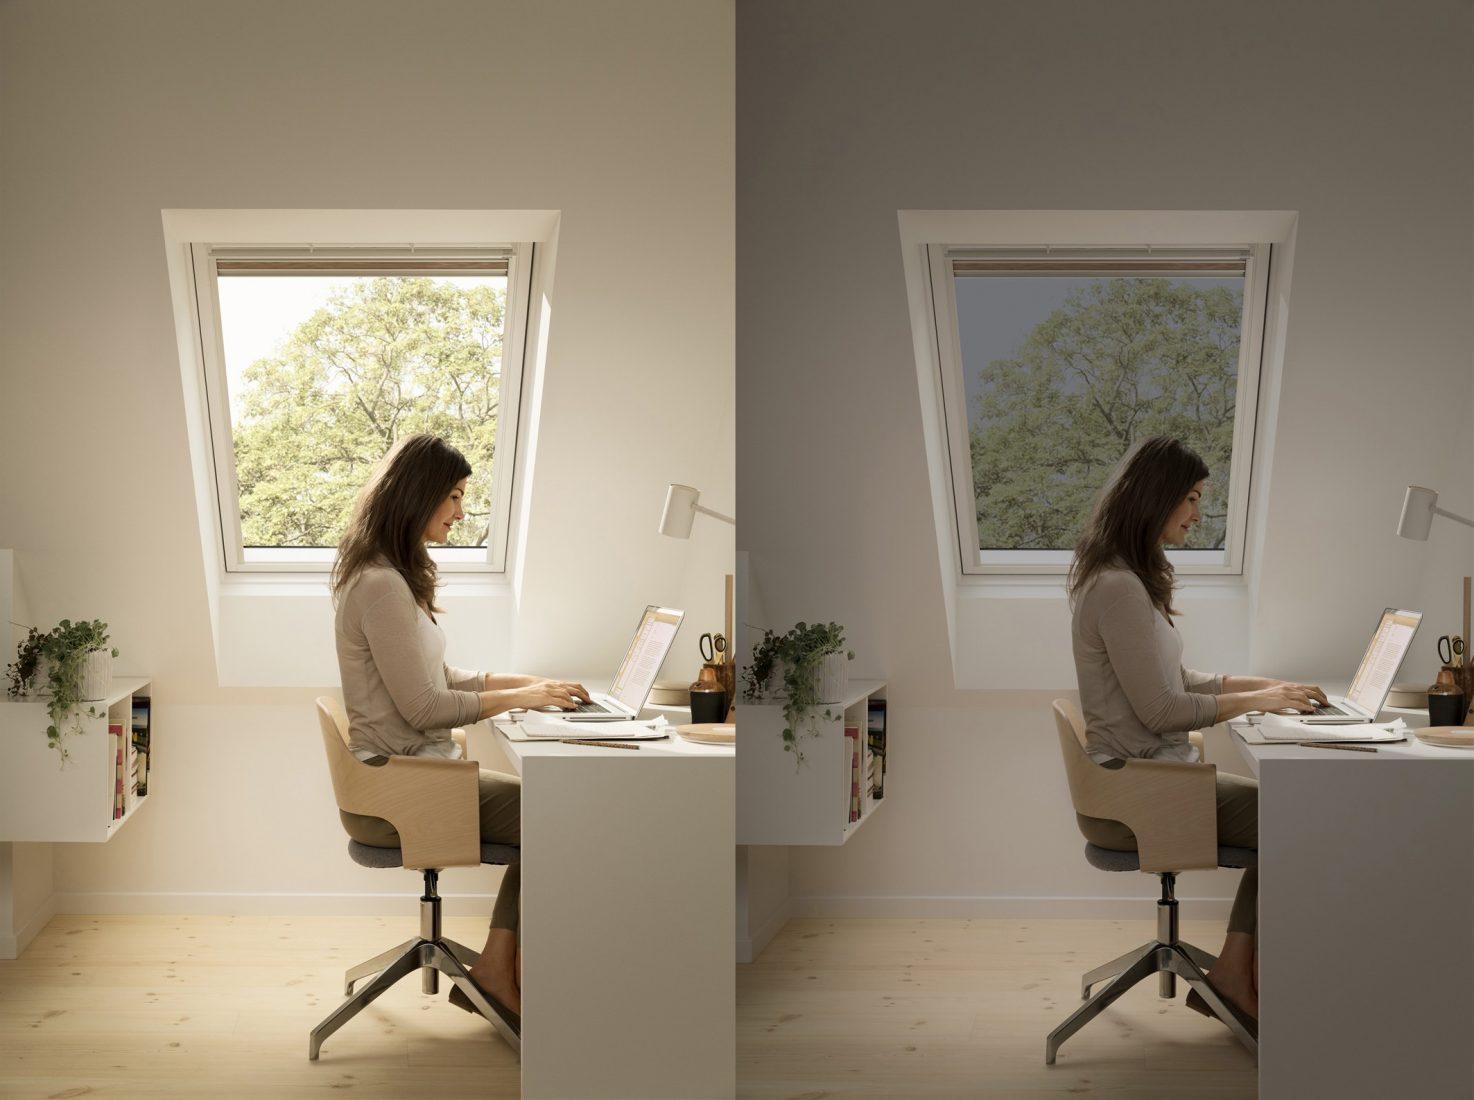 Elektrochrome Verglasung verringert die Raumaufheizung und schließt blendendes Sonnenlicht aus. Foto: Velux